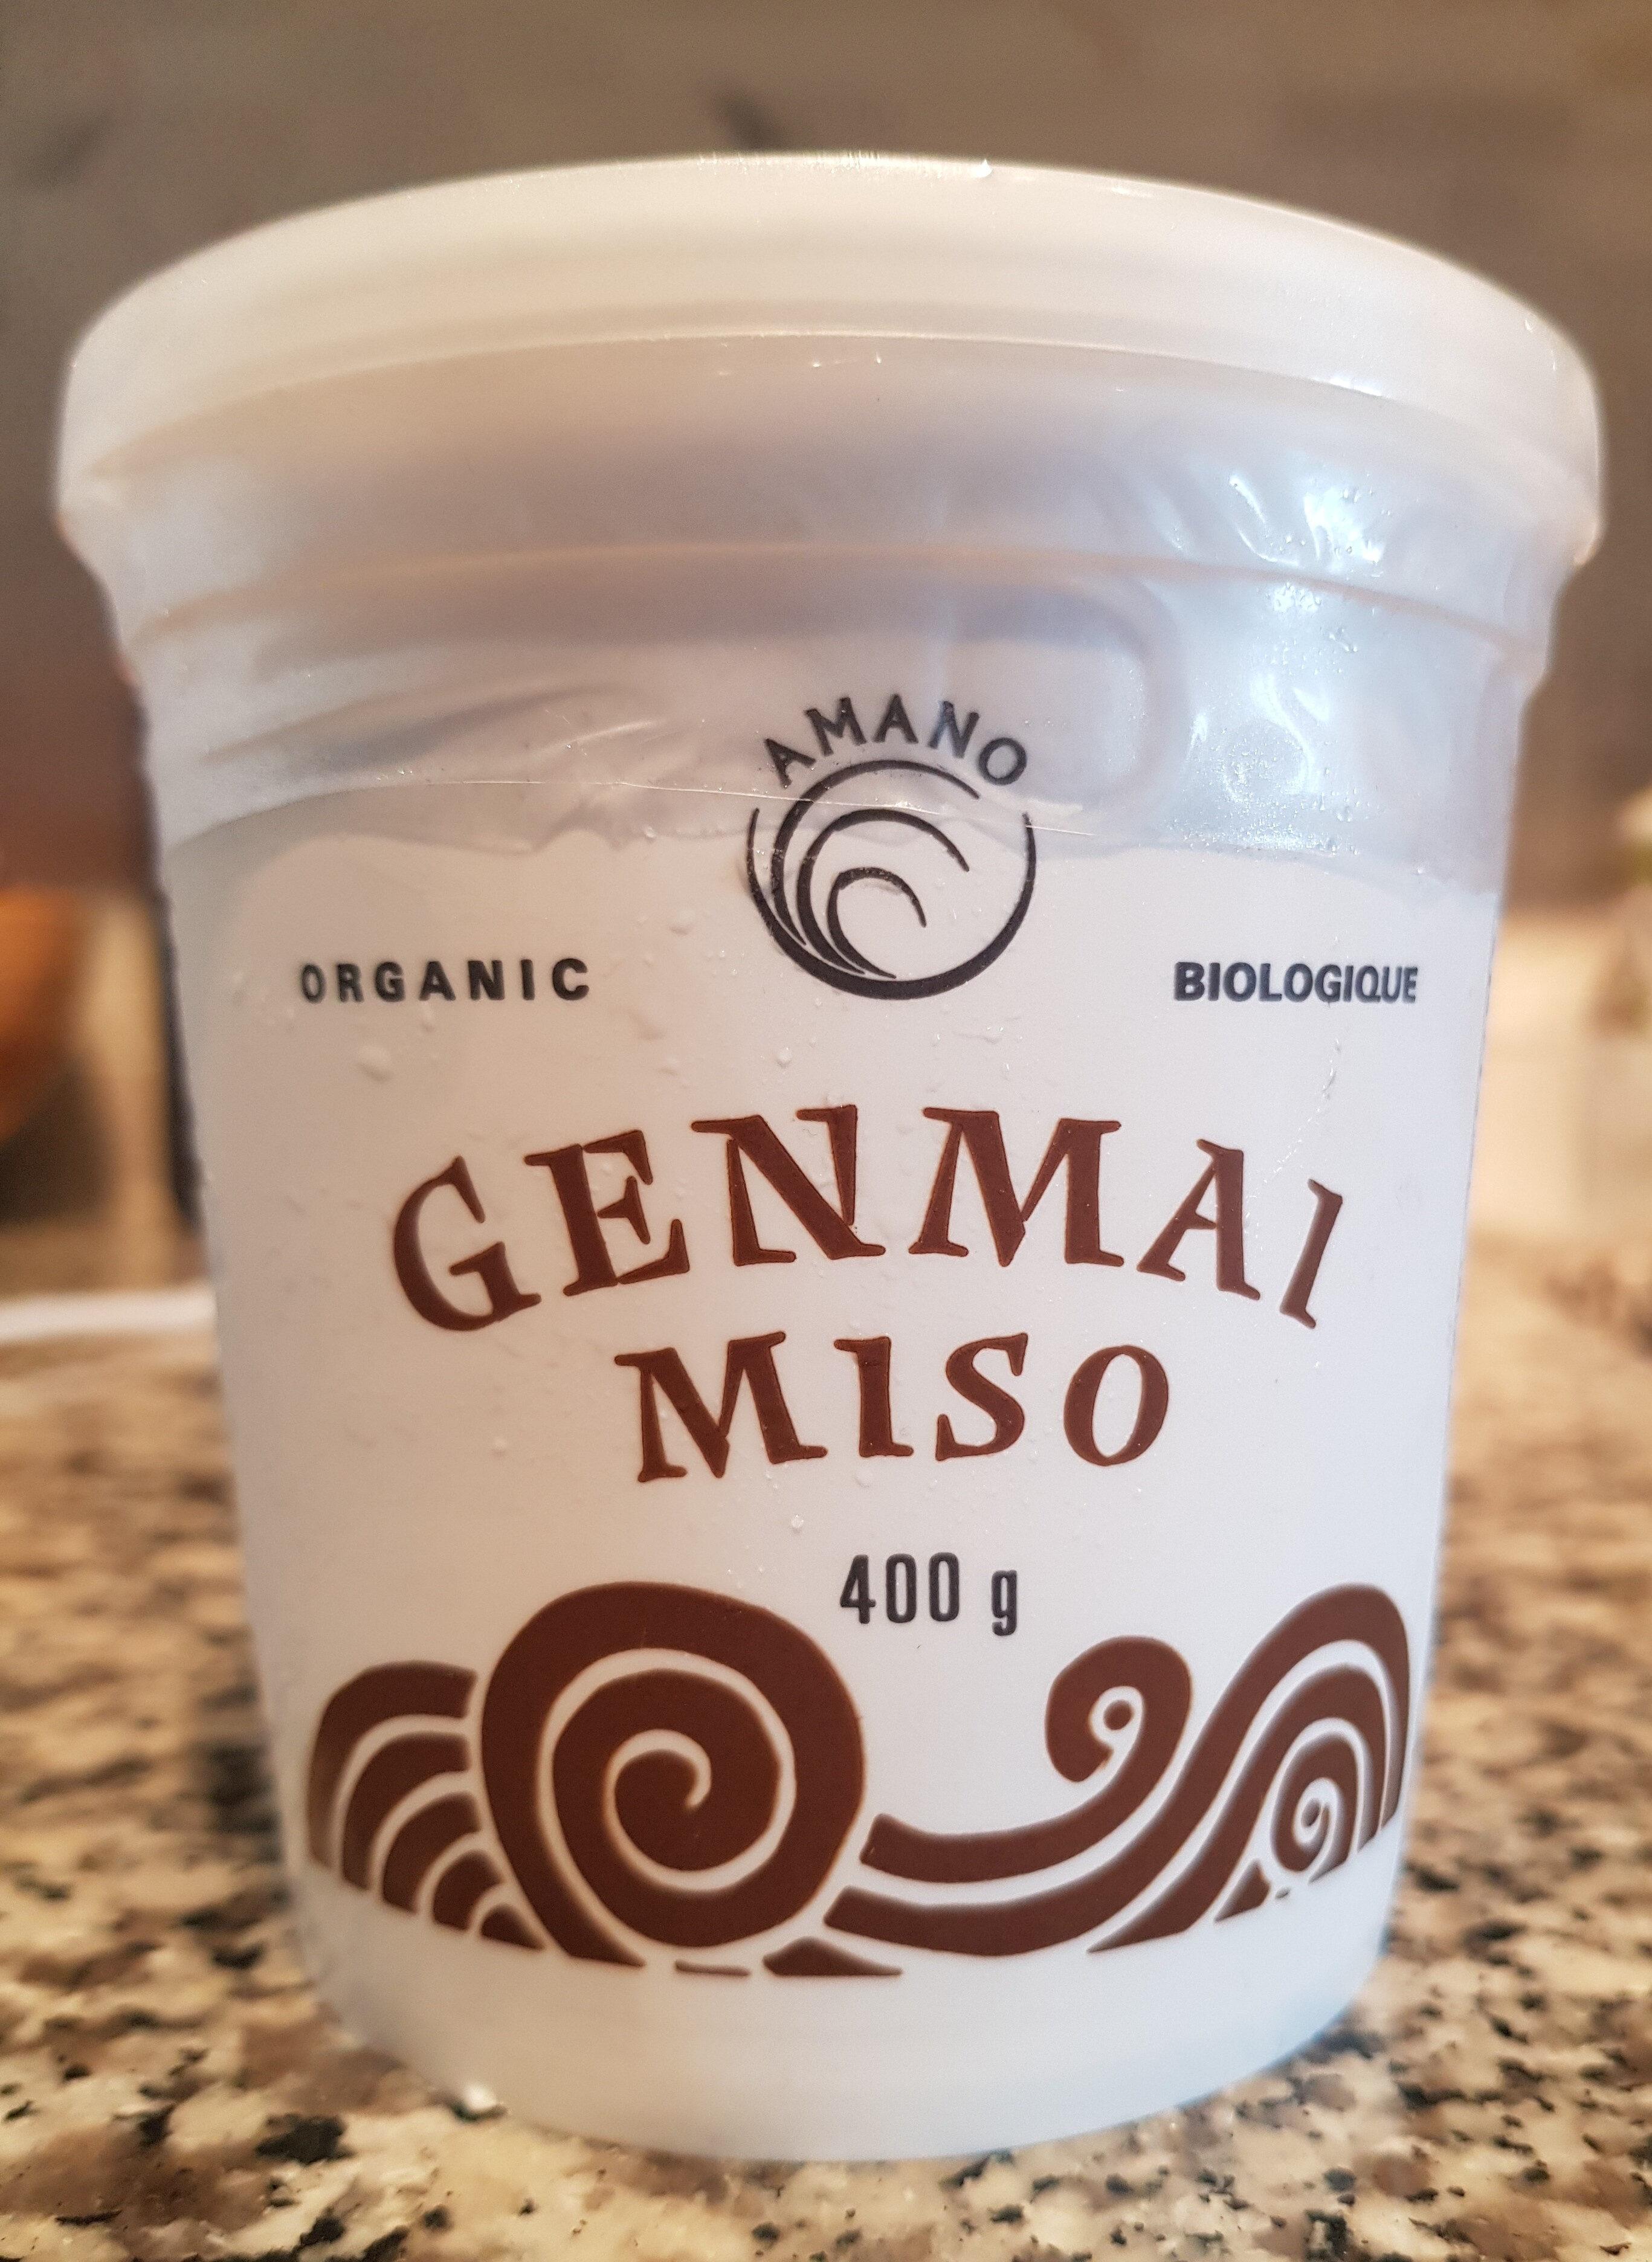 Organic Genmai Miso - Produit - en